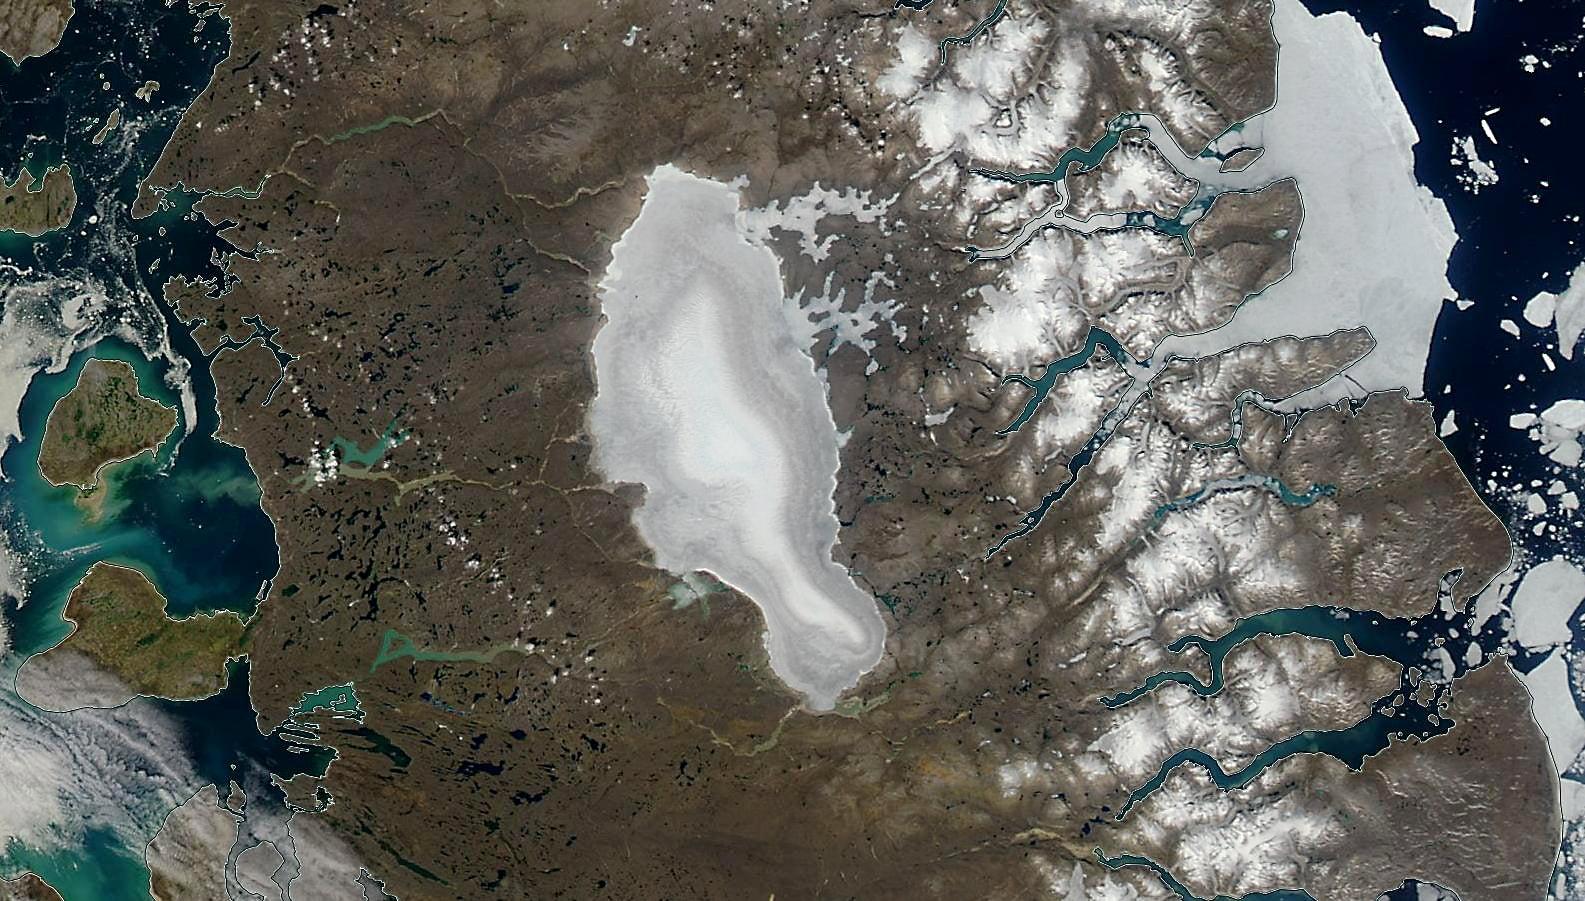 Image: Brian Kahn, NASA Worldview